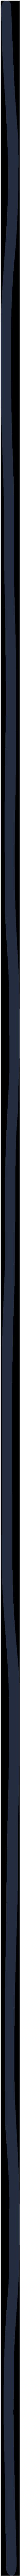 IconGrid-CEC_line_vertical